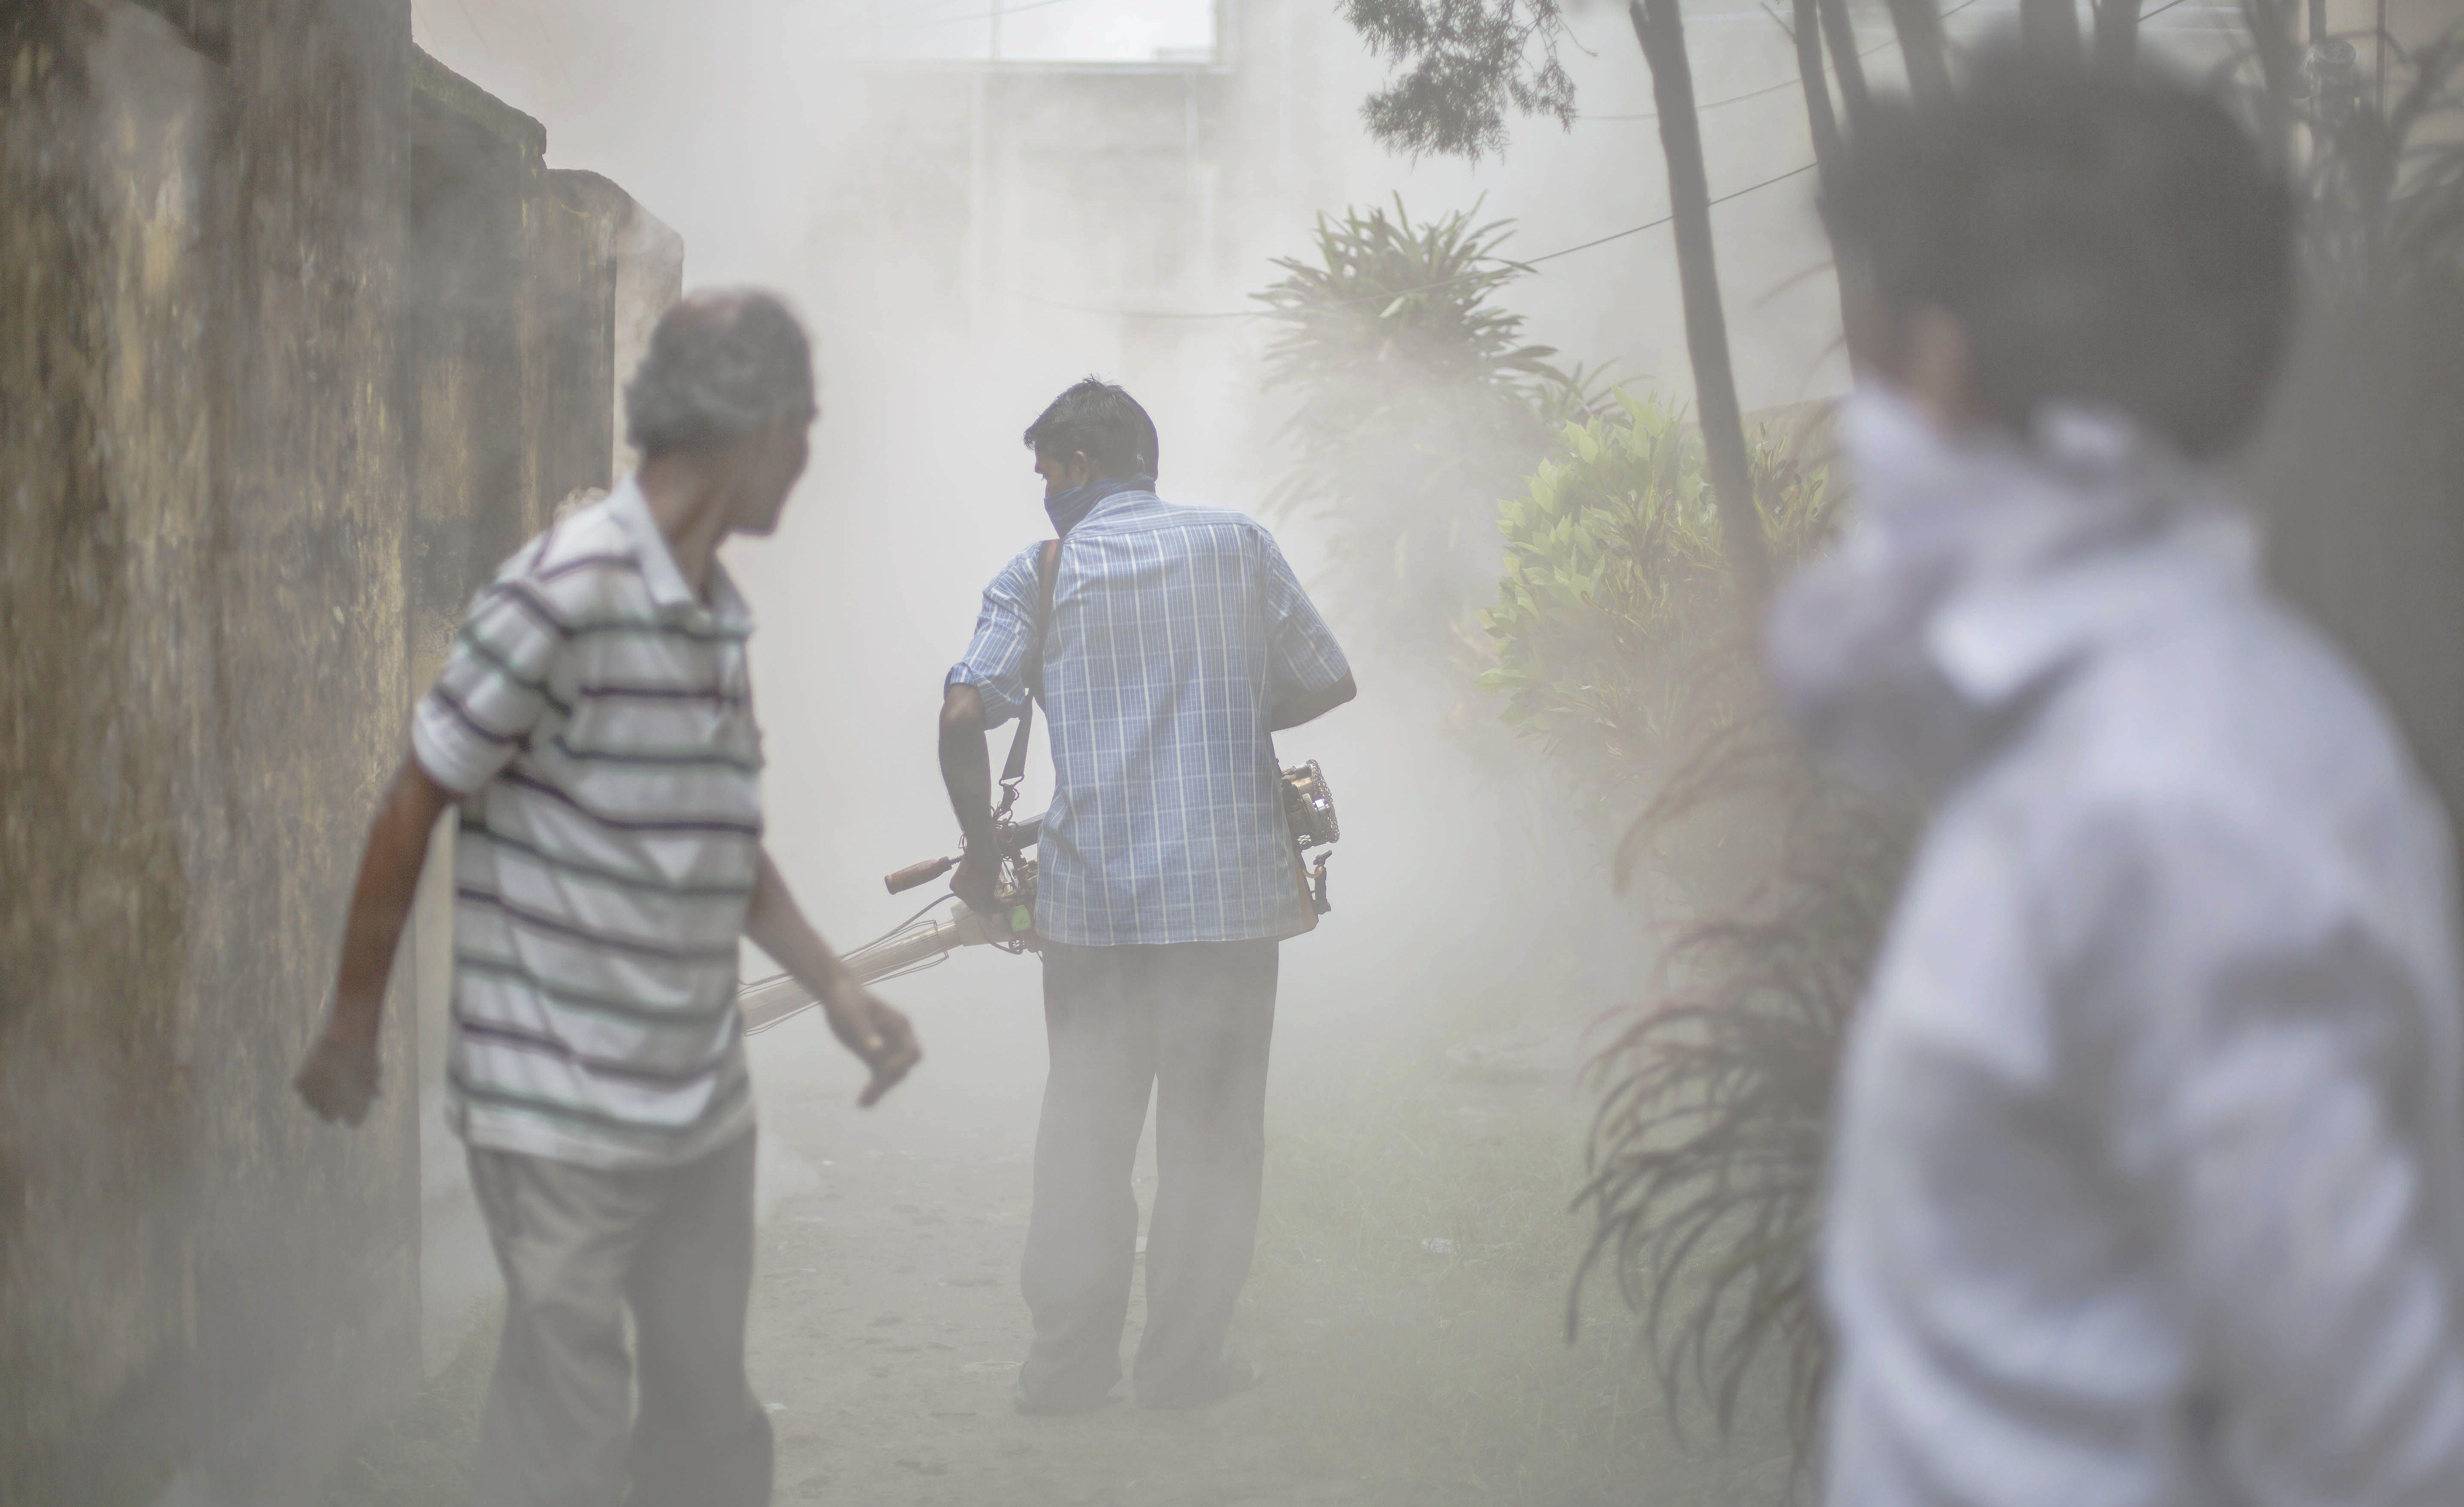 Tisuće ljudi pogođene malarijom i denga groznicom u Bangladešu i Nepalu